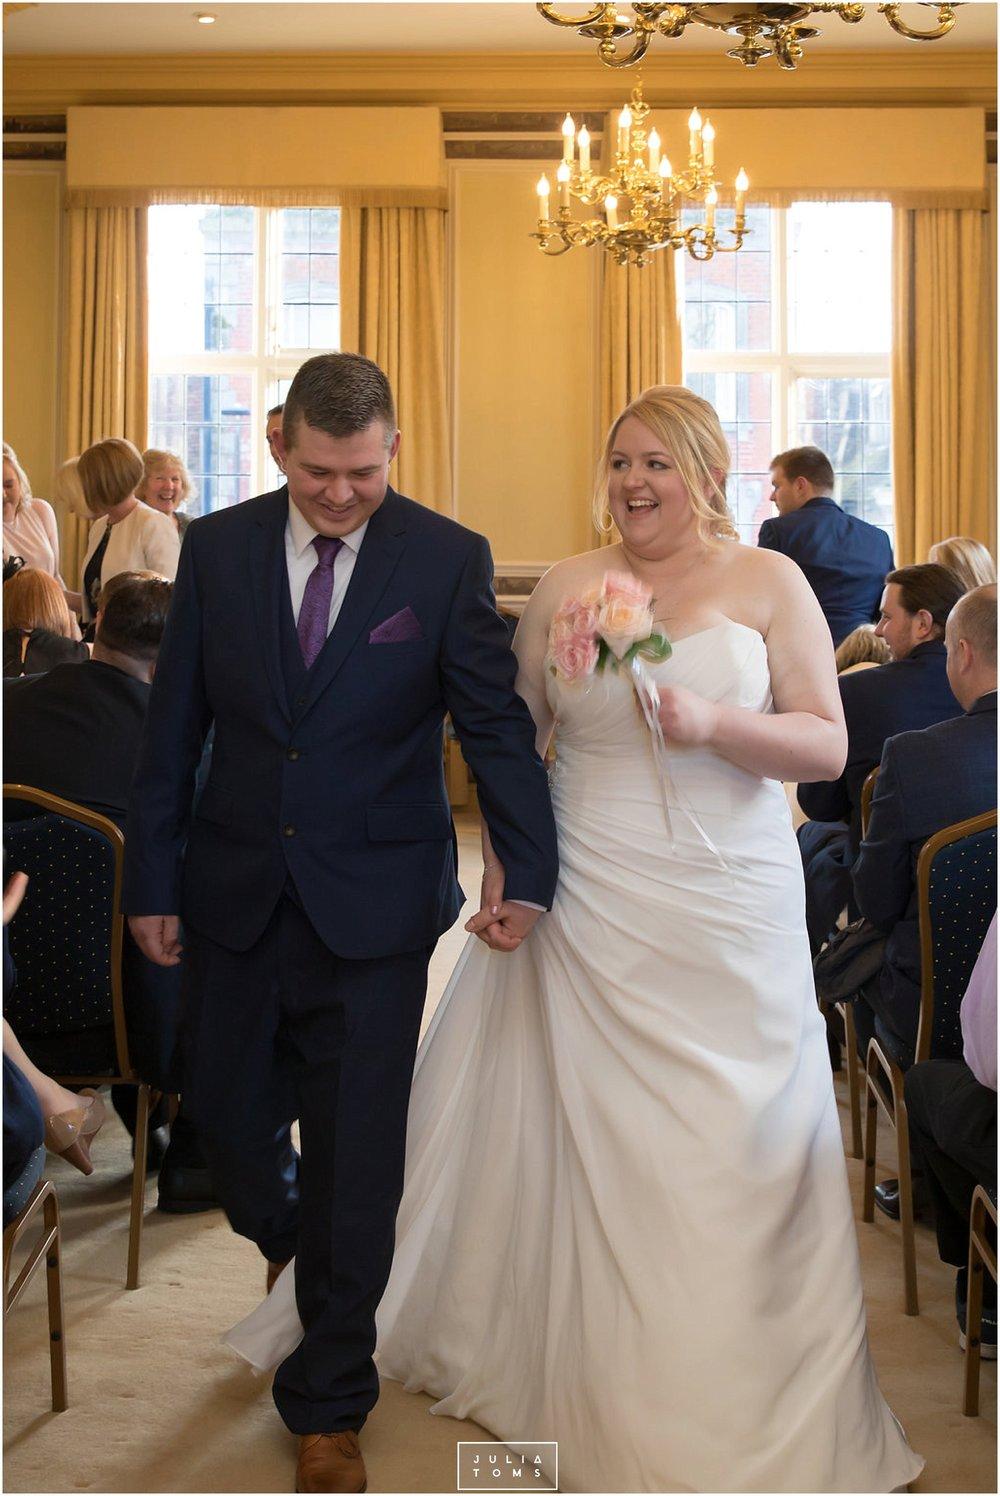 JuliaToms_chichester_wedding_photograher_edes_house_020.jpg